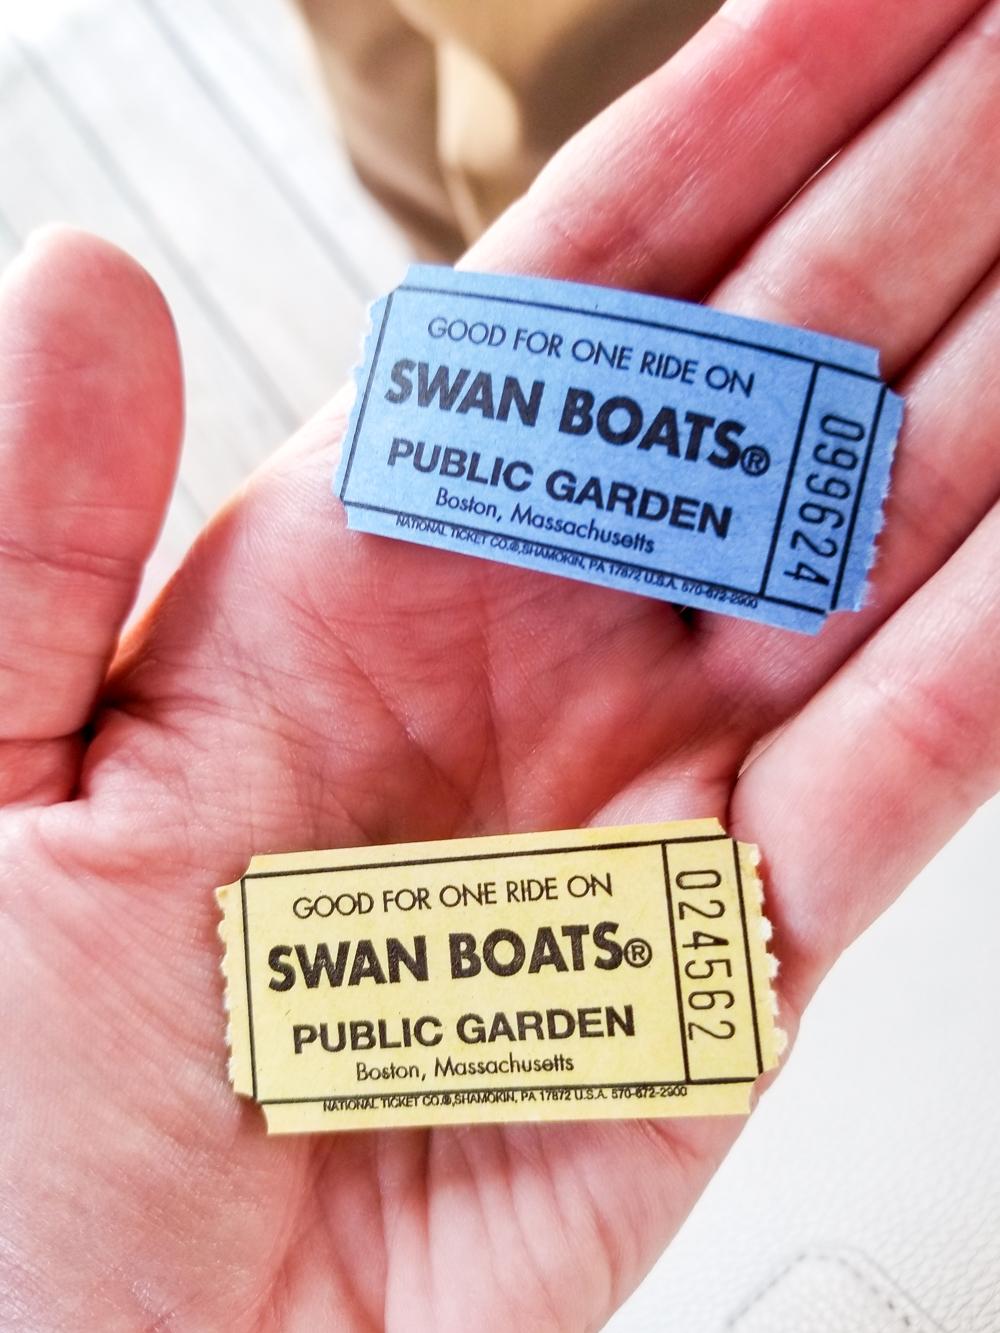 tickets to ride swan boats in Boston Public Garden